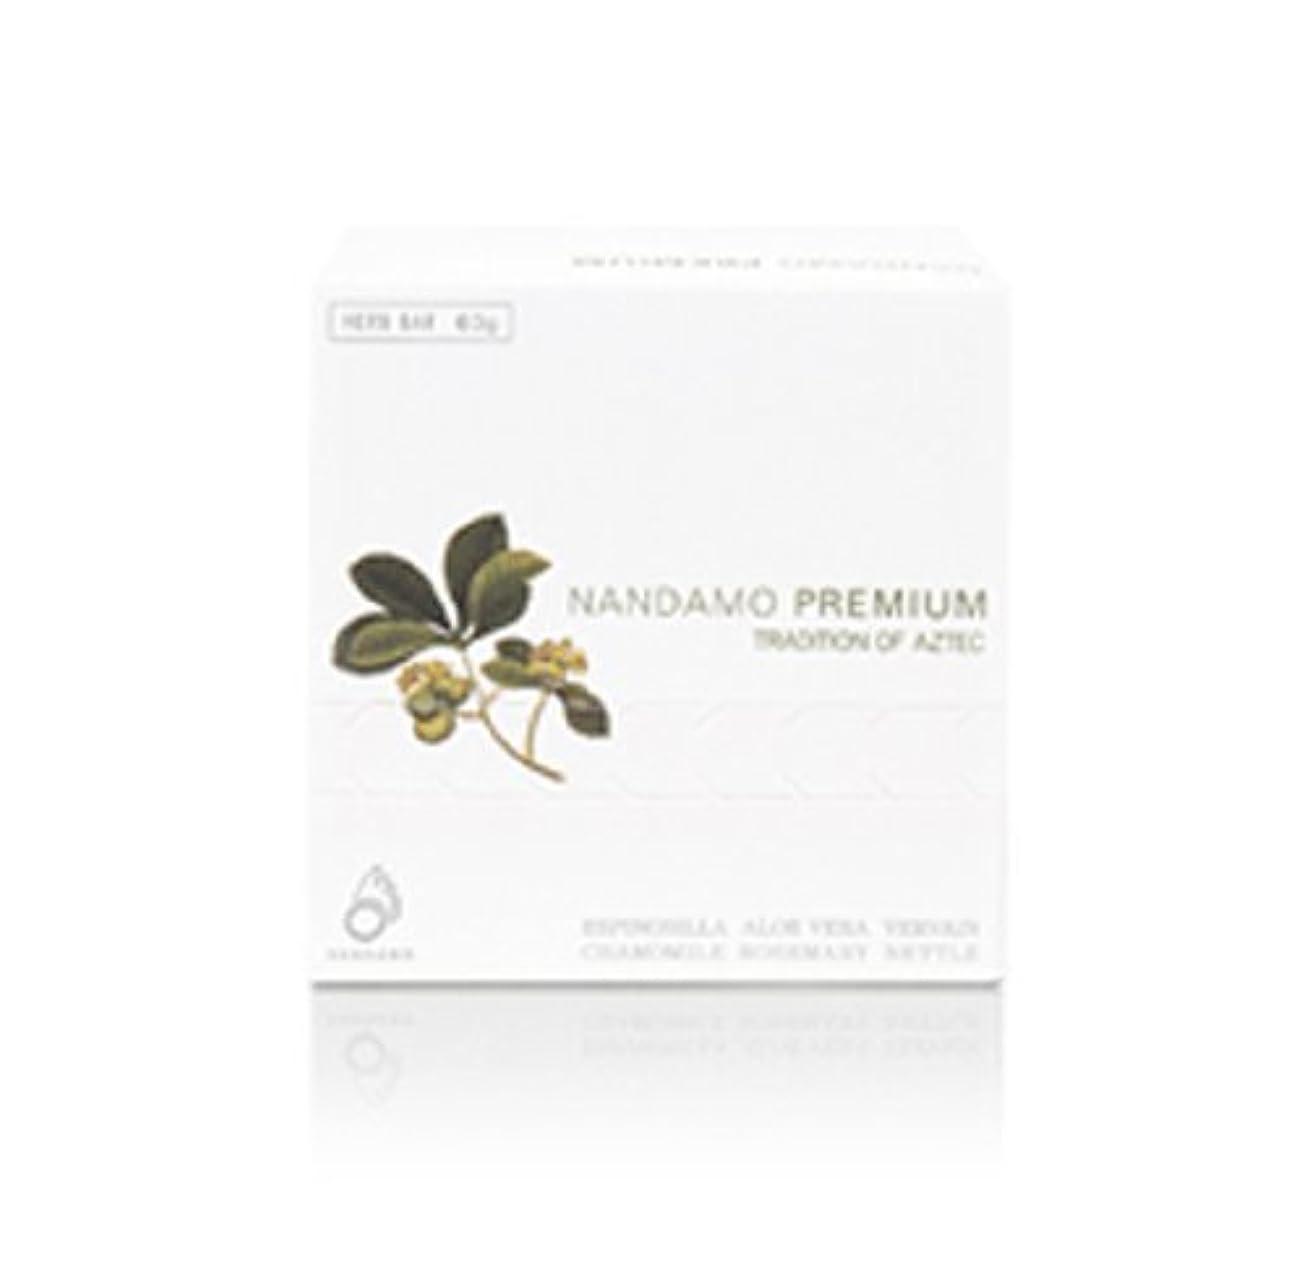 緊急パシフィック証明するNANDAMO PREMIUM(ナンダモプレミアム)ナンダモプレミアム60g